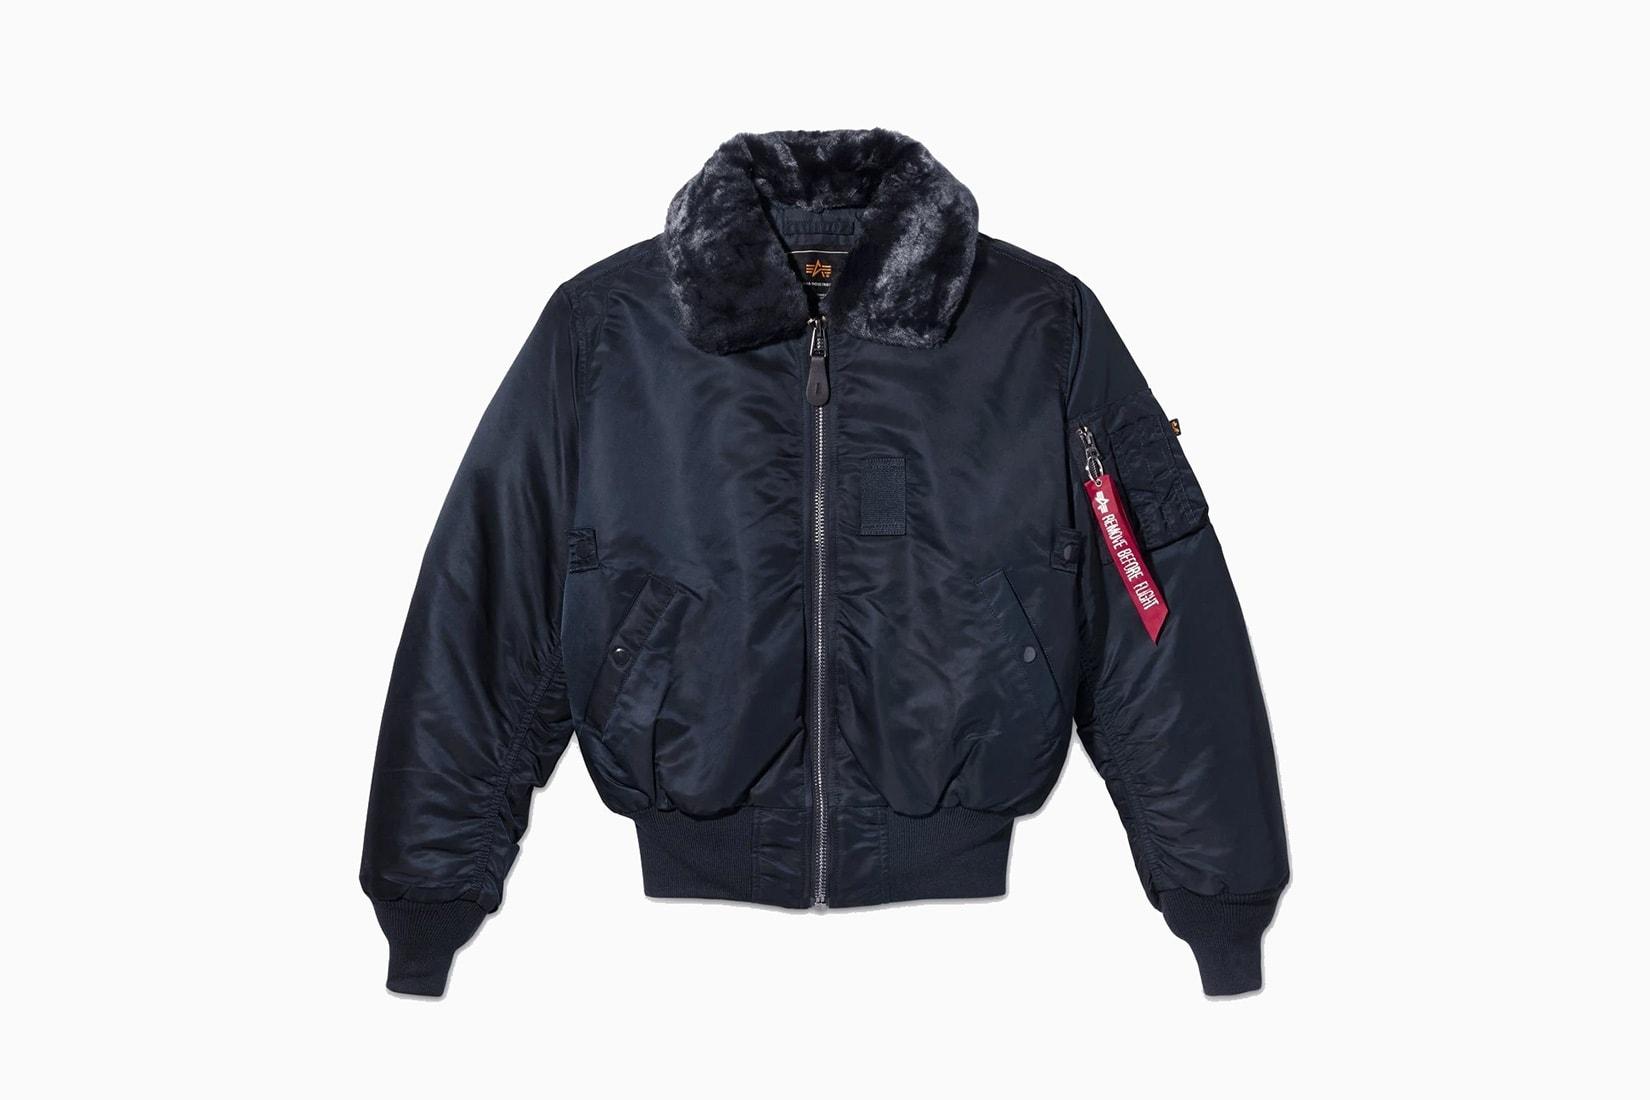 best winter coats men bomber jacket alpha industries b-15 review - Luxe Digital